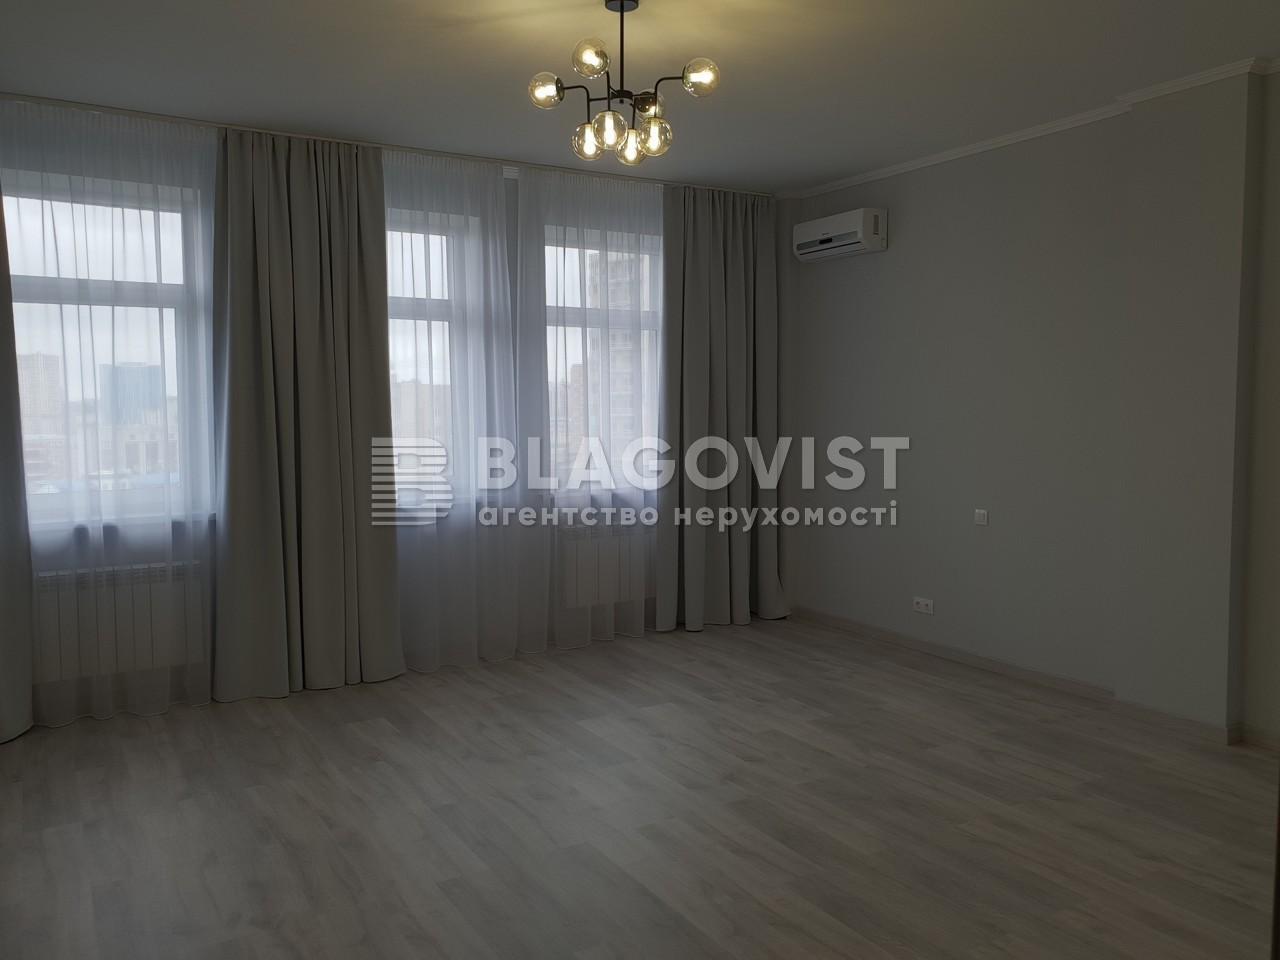 Квартира R-23956, Тургеневская, 46/11, Киев - Фото 10